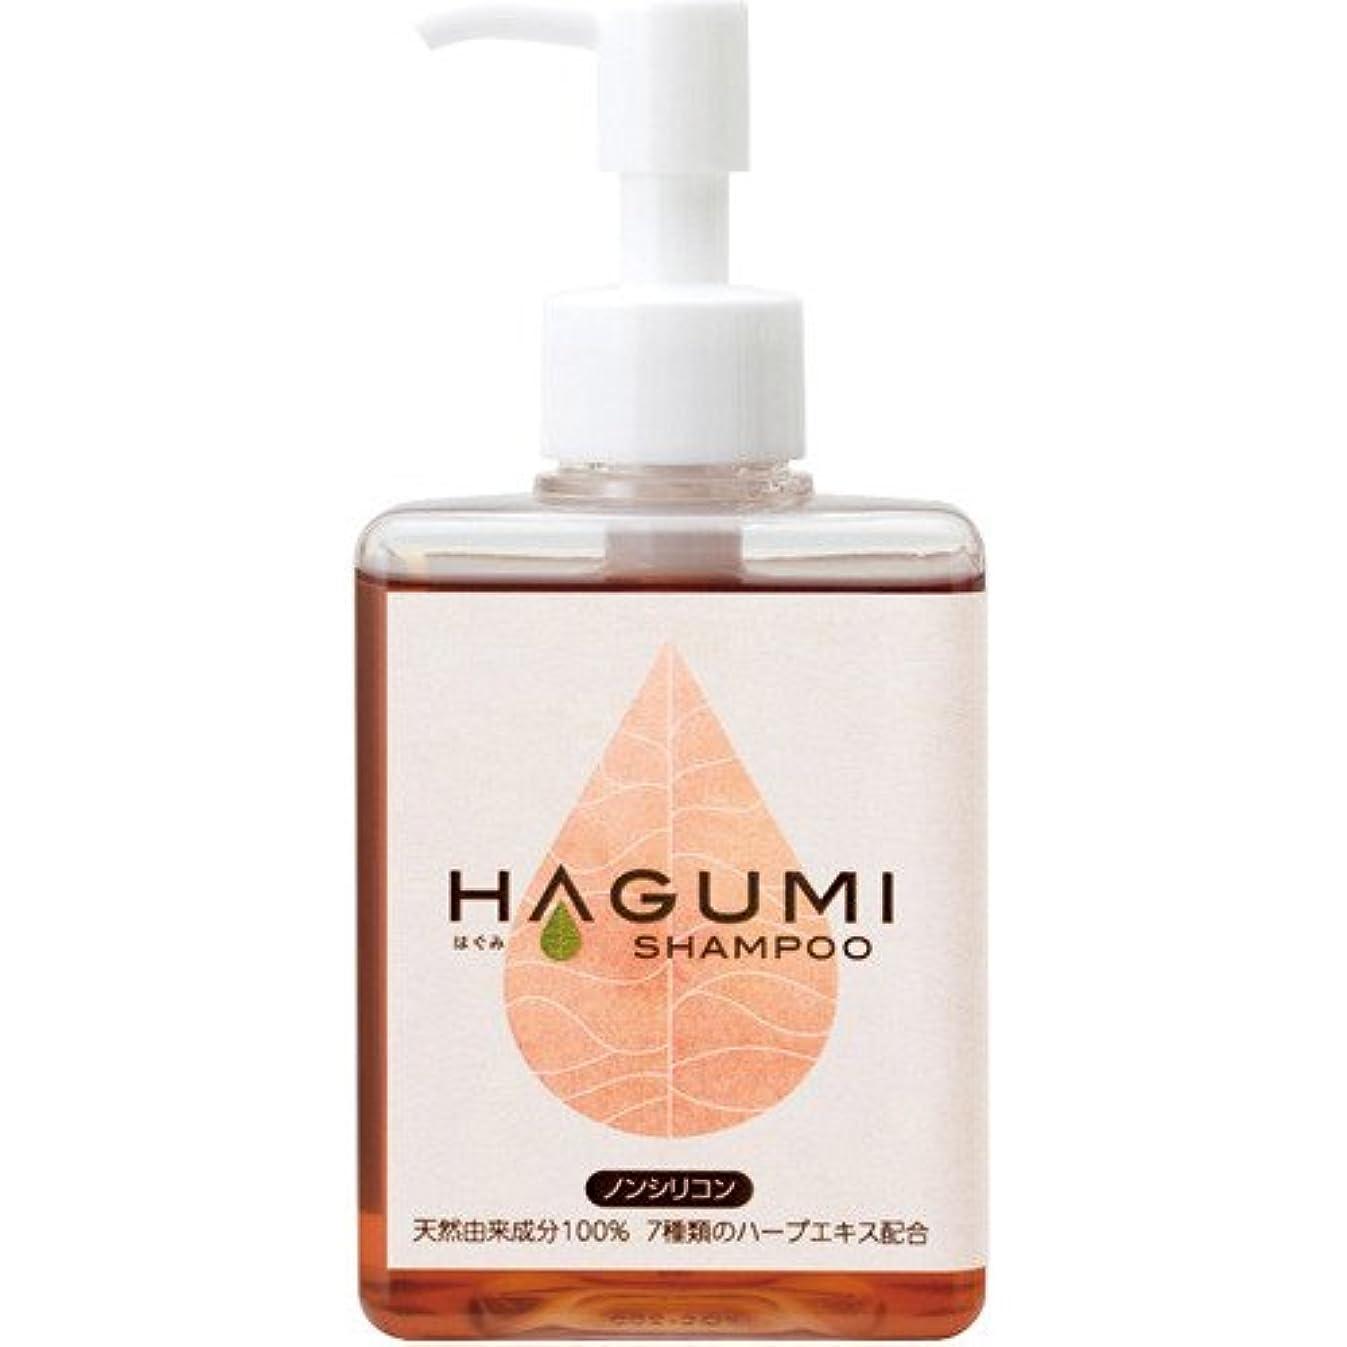 メインスケジュール収穫HAGUMI(ハグミ) シャンプー 200ml